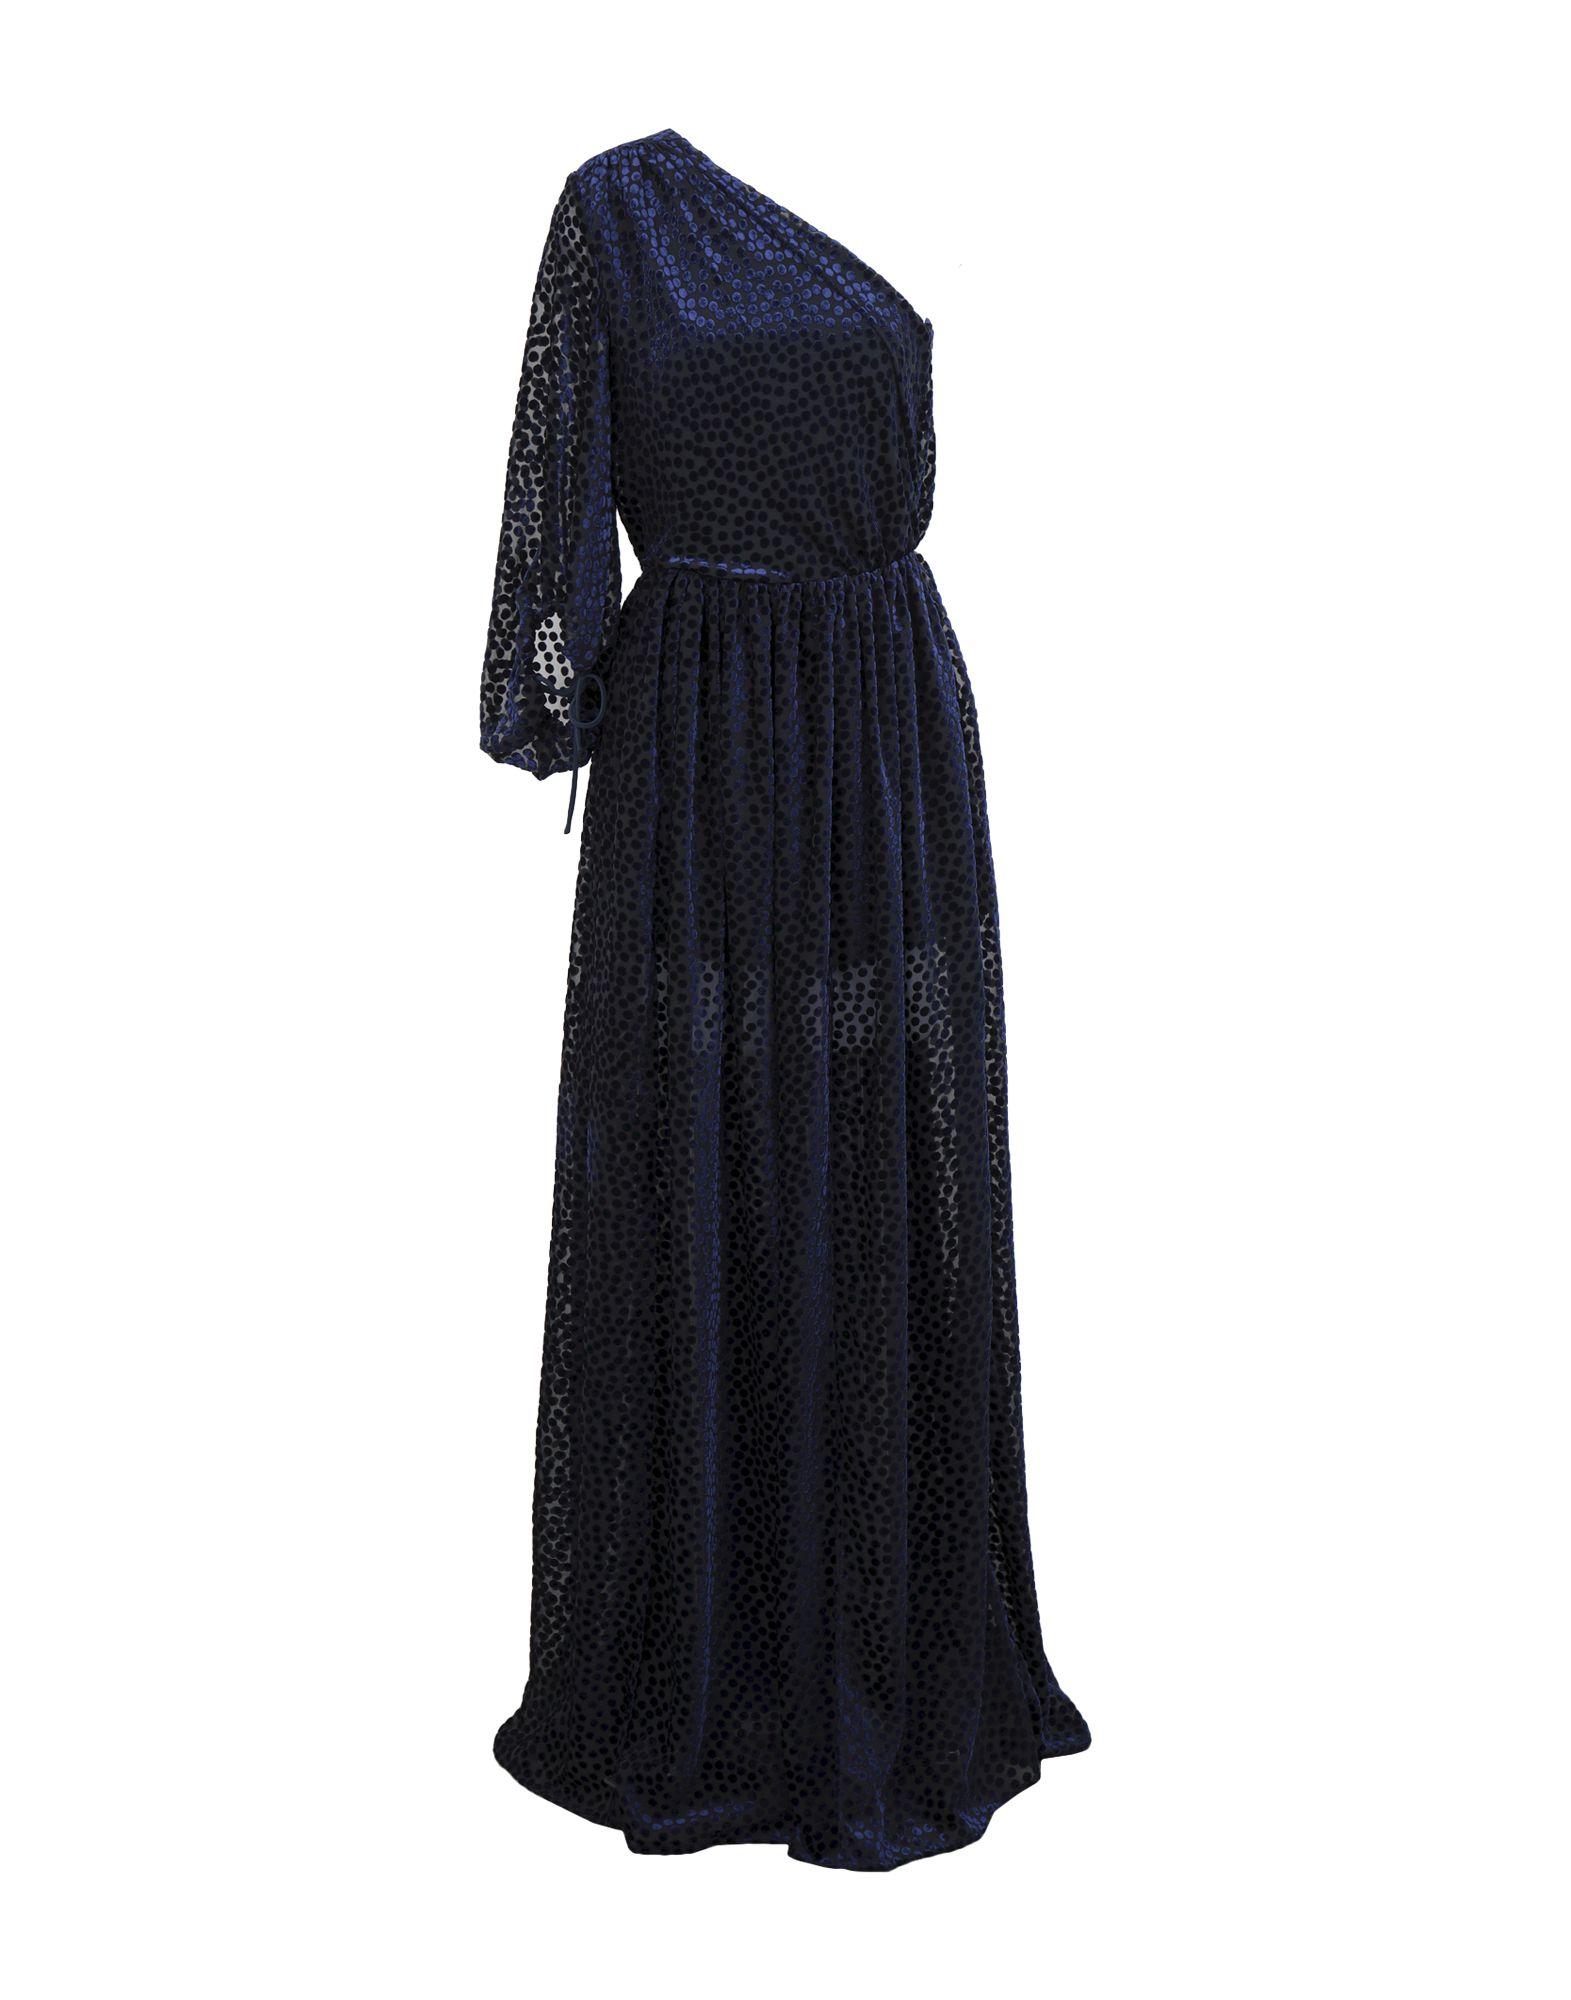 SI-JAY Длинное платье 923 зима полный дрель бархат вечернее платье длинное плечо банкет тост одежды тонкий тонкий хост